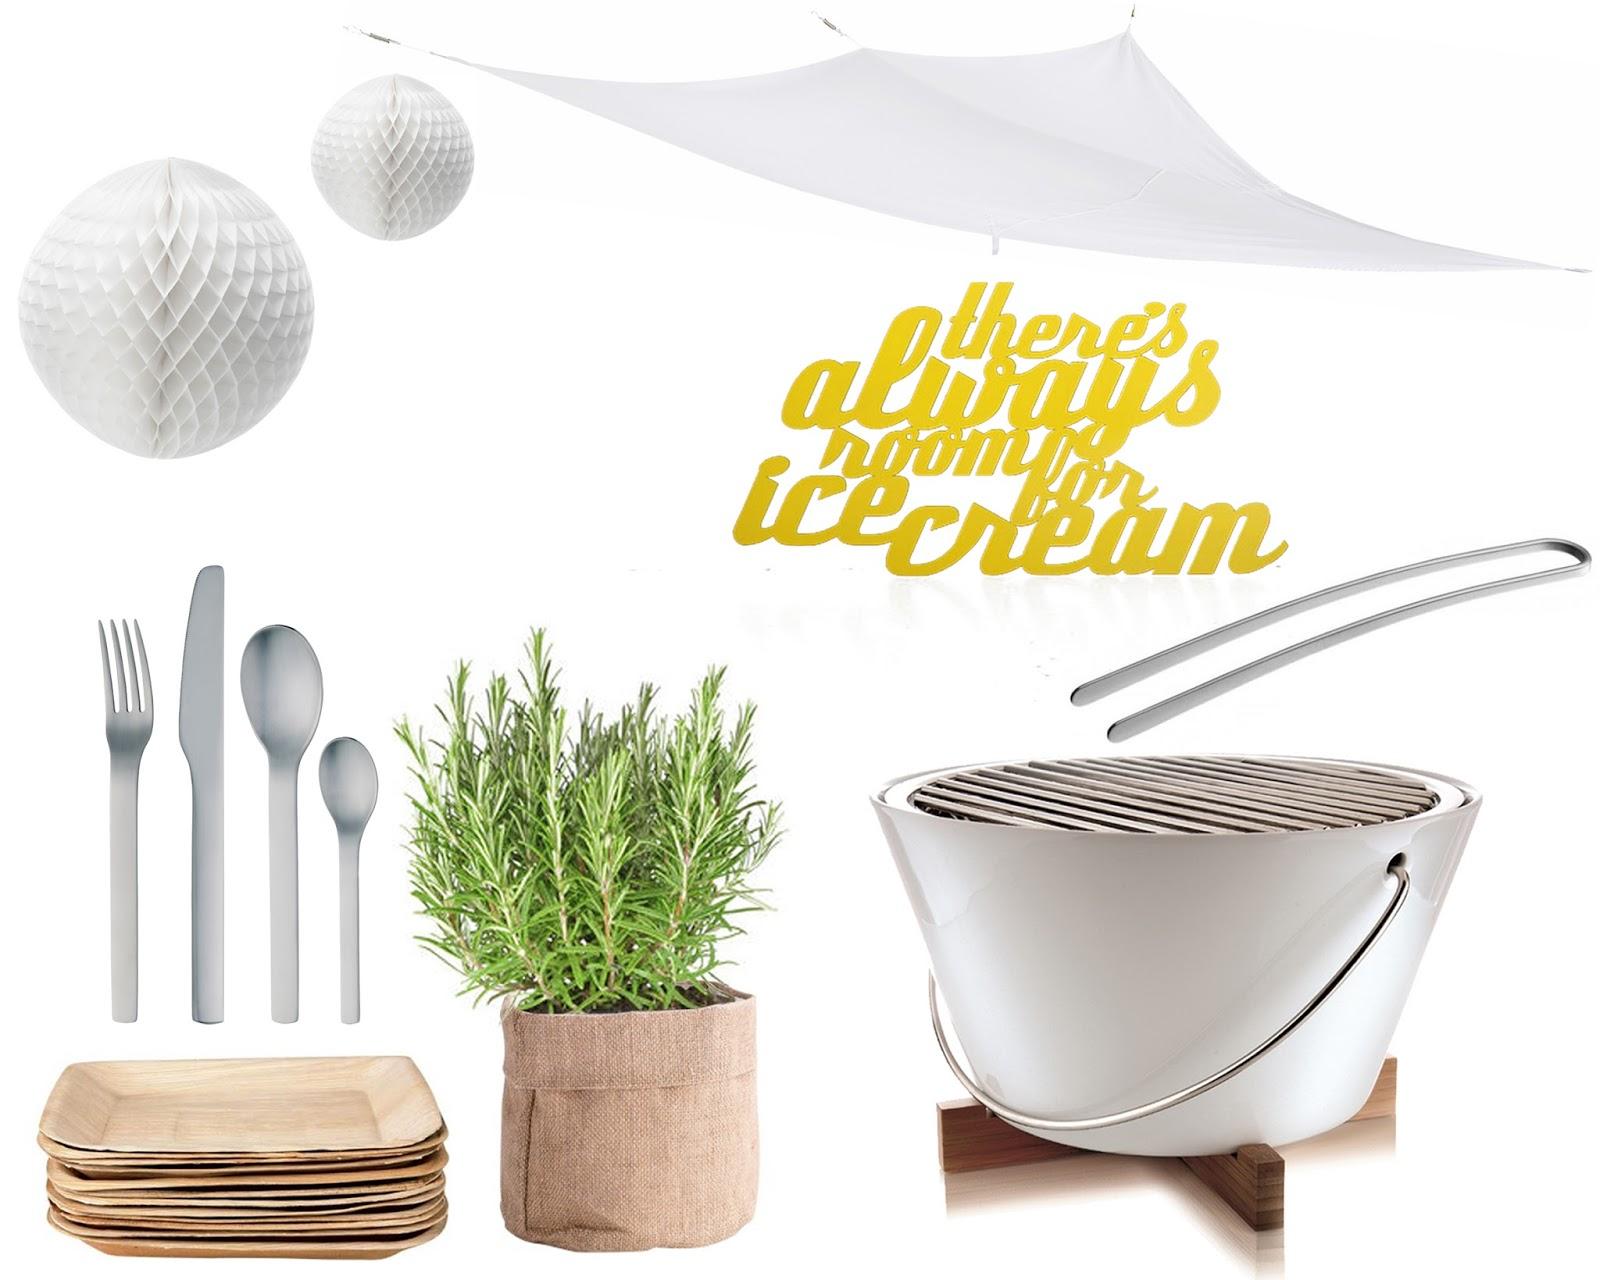 maulwurfsh gelig gesammeltes outdoor style. Black Bedroom Furniture Sets. Home Design Ideas